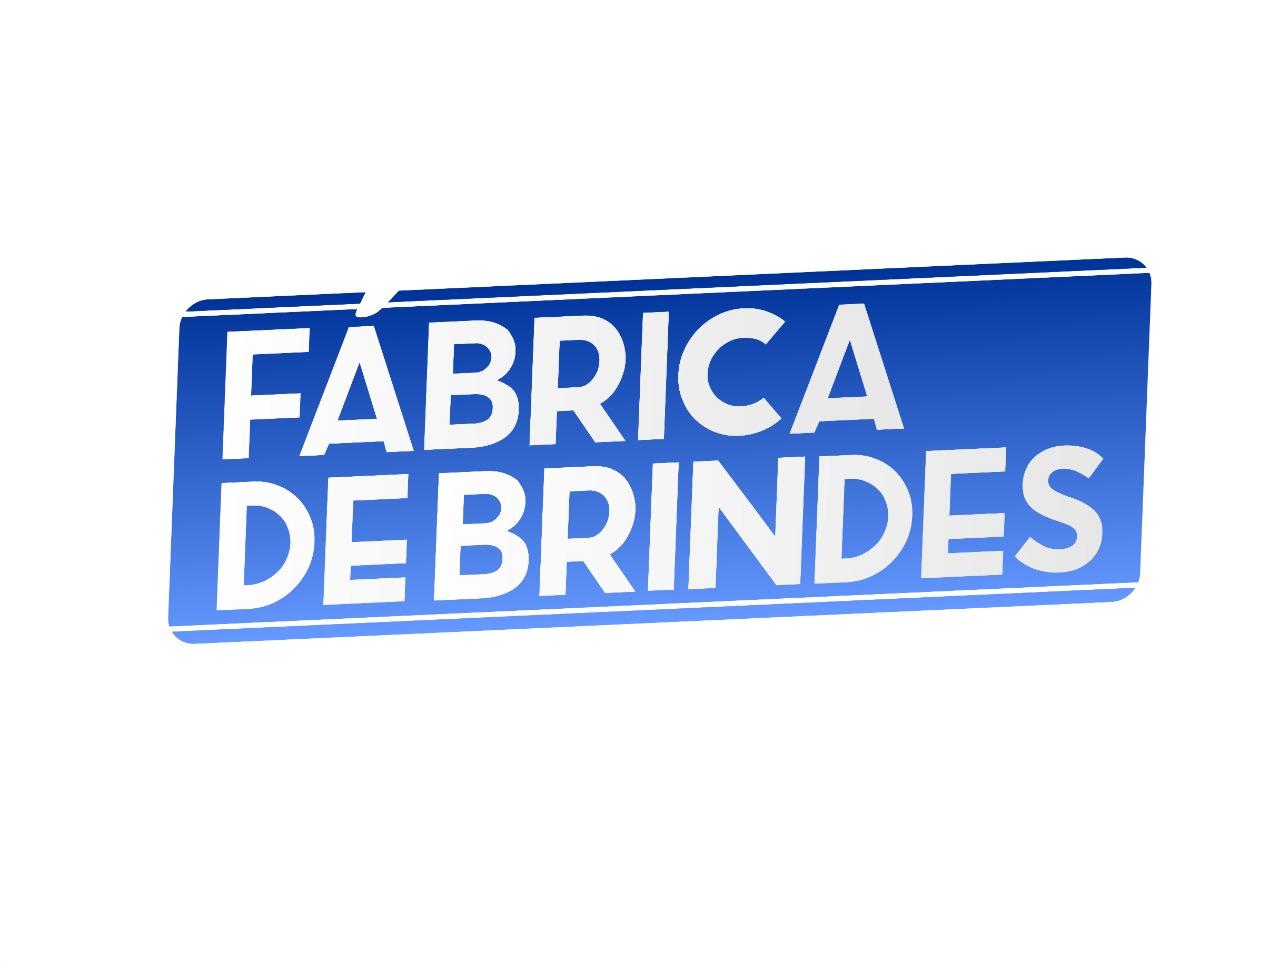 Fábrica de Brindes